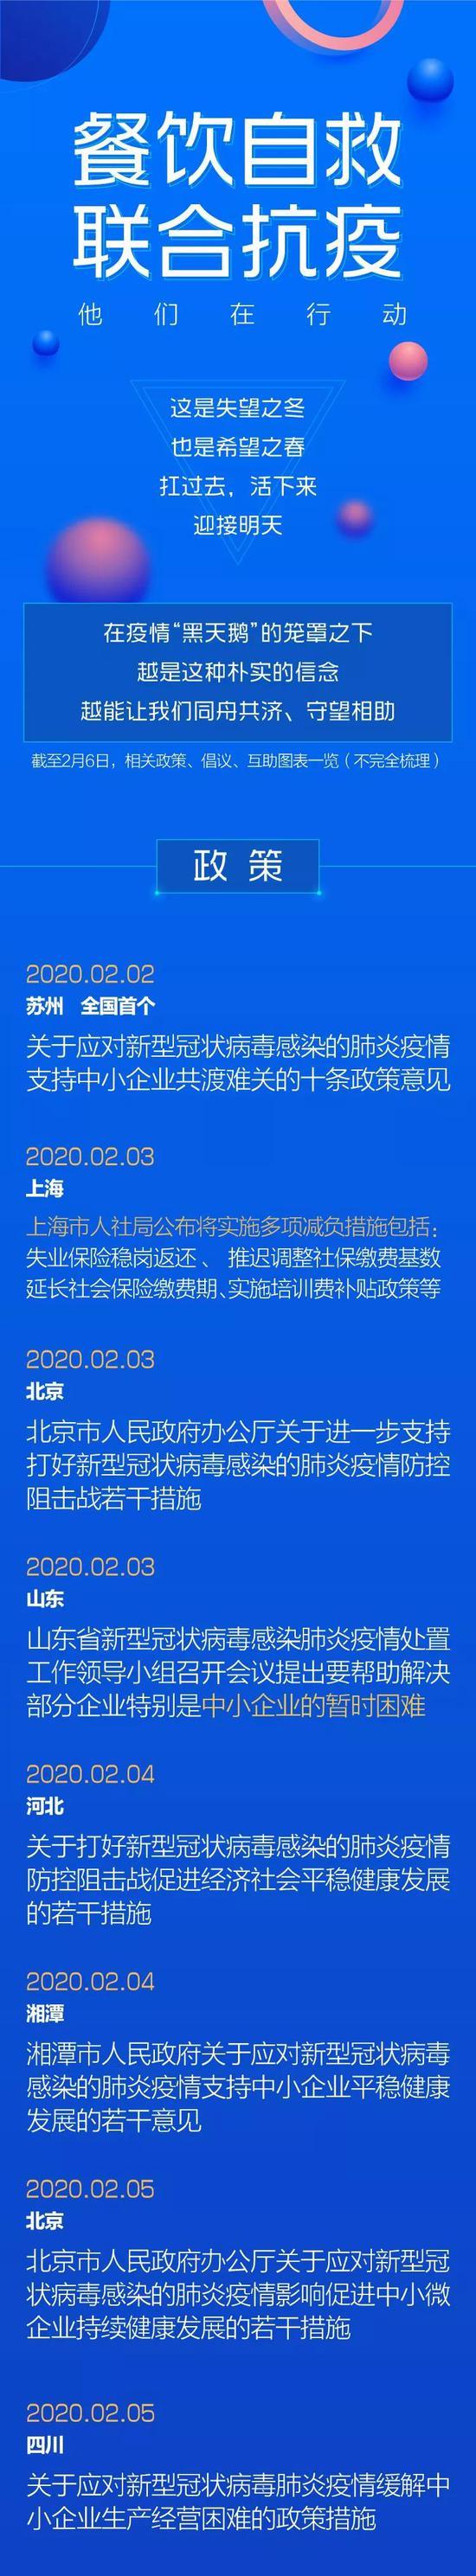 眉州东坡创始人:1个月损失近亿元 宁愿战死不愿坐等